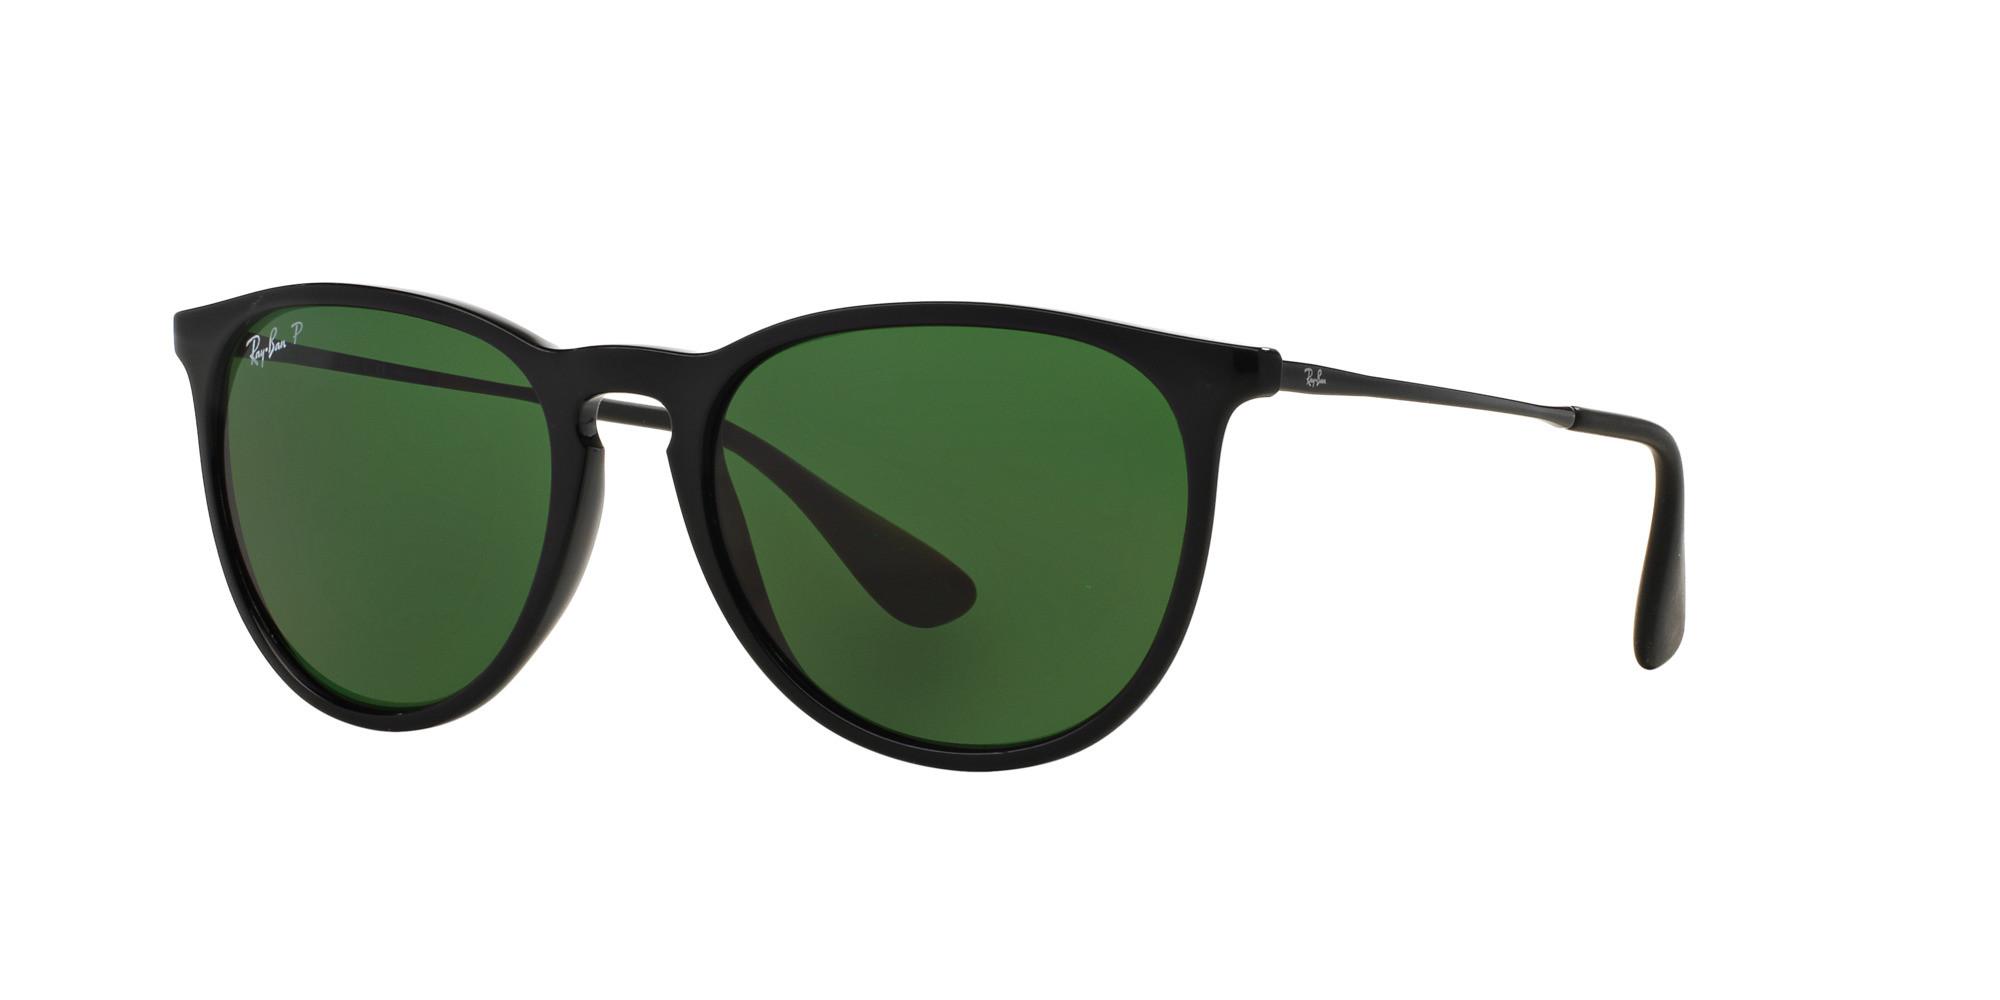 Gafas de sol RAY-BAN ERIKA RB 4171 601/2P POLARIZADO 54mm.